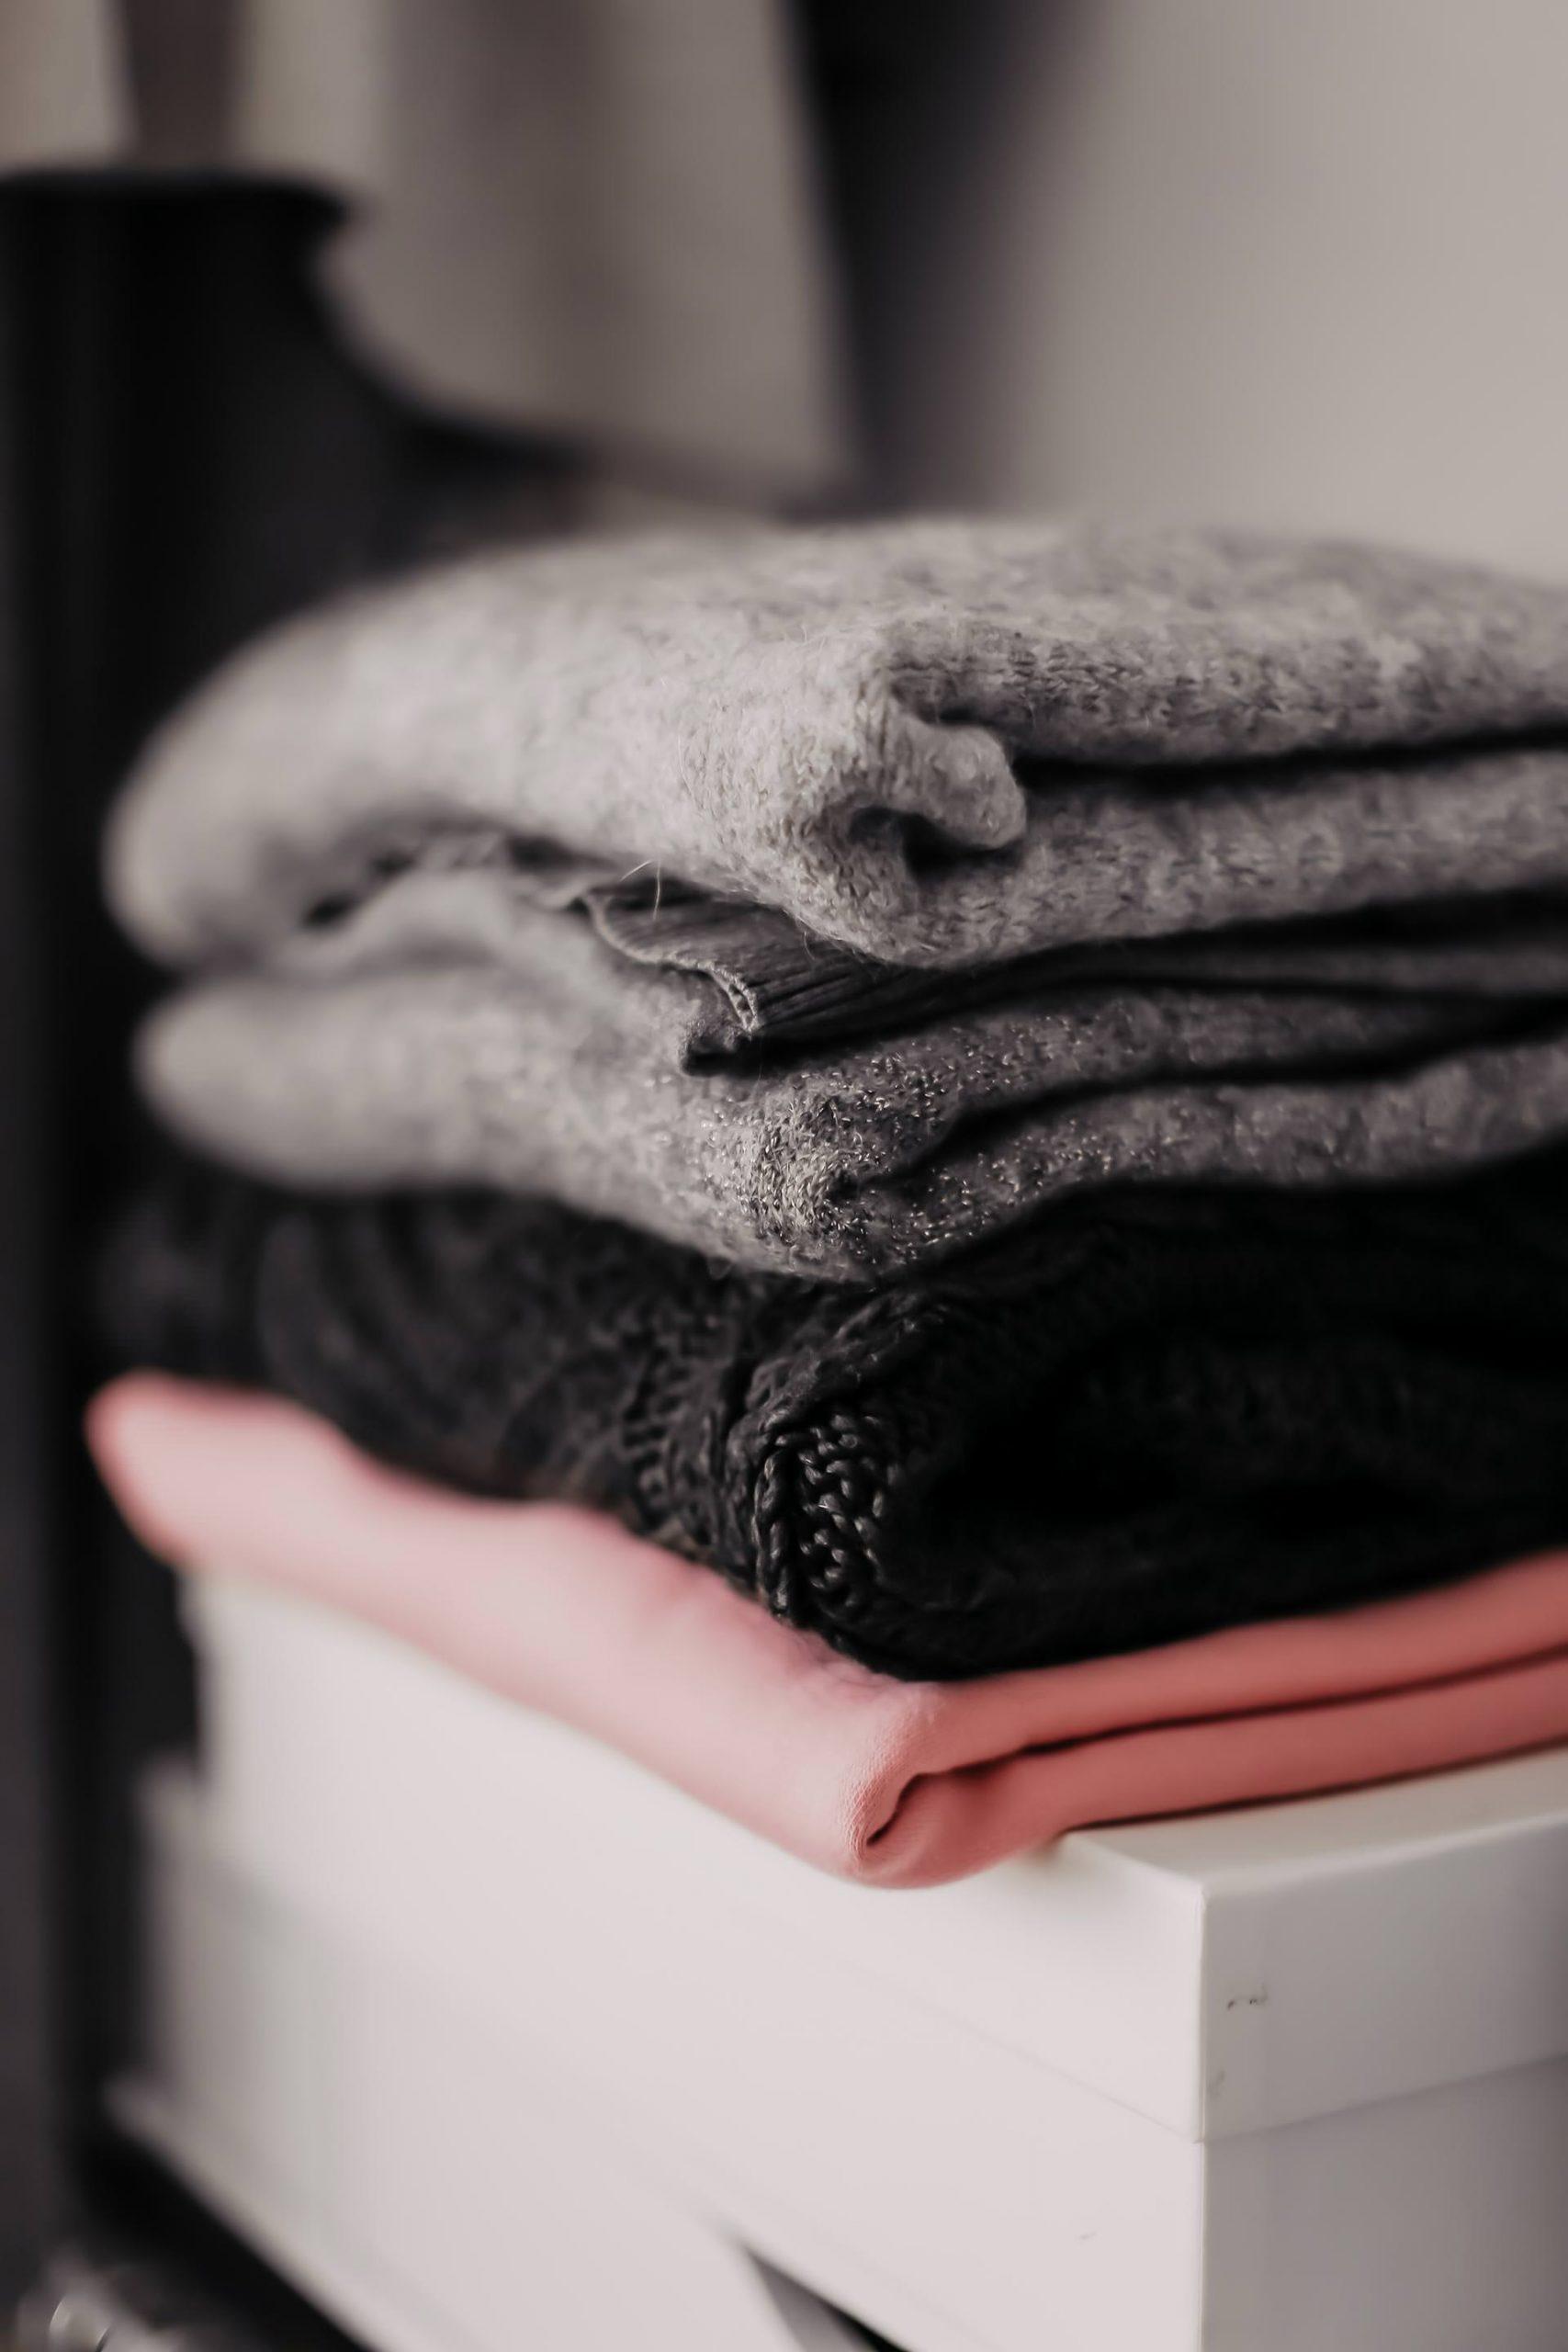 Frühjahrsputz im Kleiderschrank! Wie ich mich am leichtesten von Klamotten trennen kann und meine erprobten Tipps zum Ausmisten, verrate ich dir am Modeblog www.whoismocca.com #kleiderschrankausmisten #fashiondetox #closetcleaning